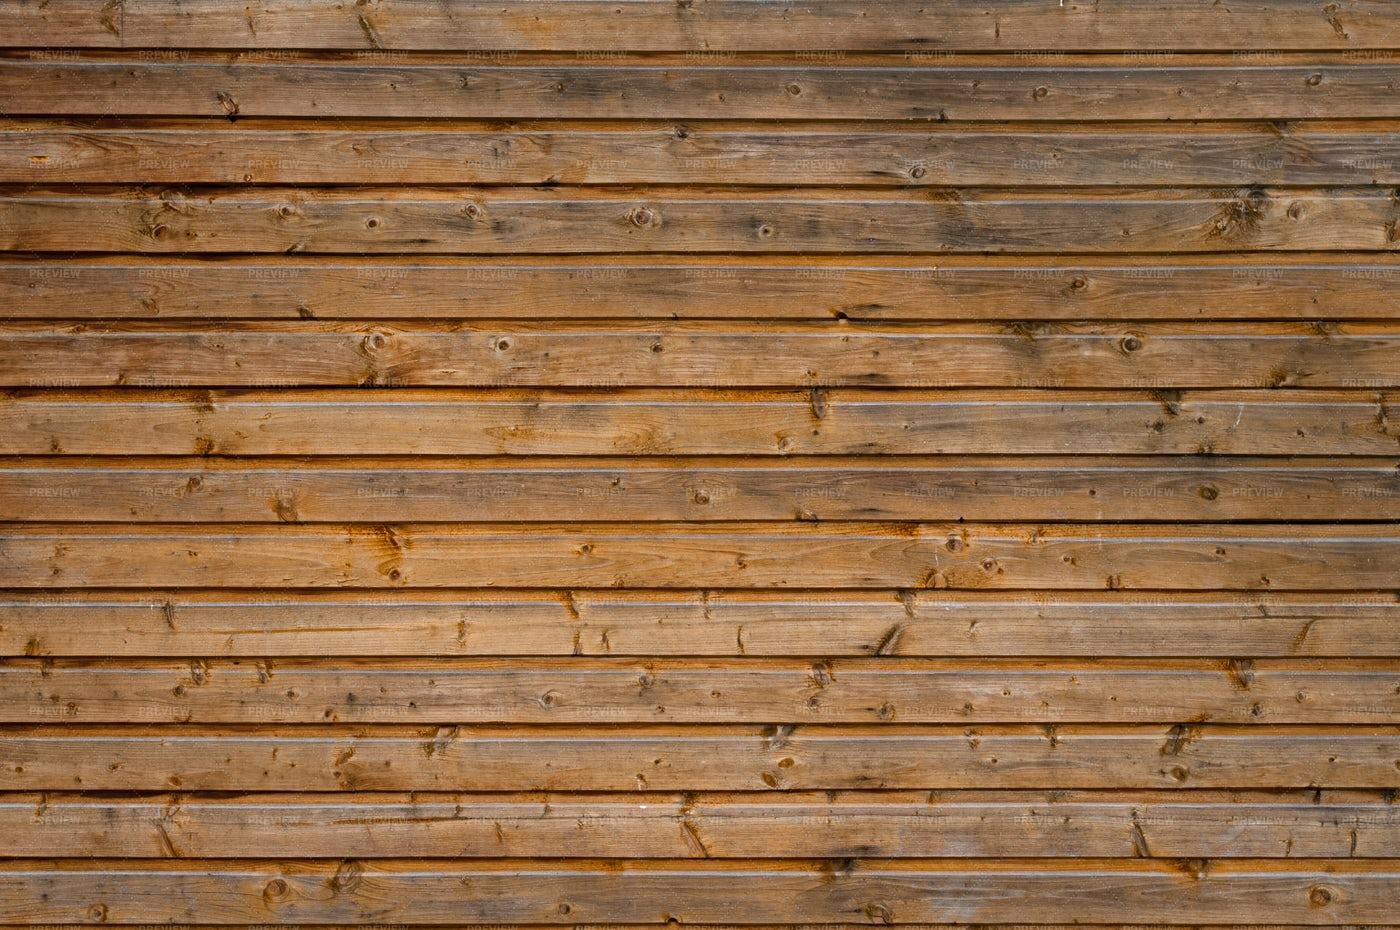 Wooden Wall: Stock Photos